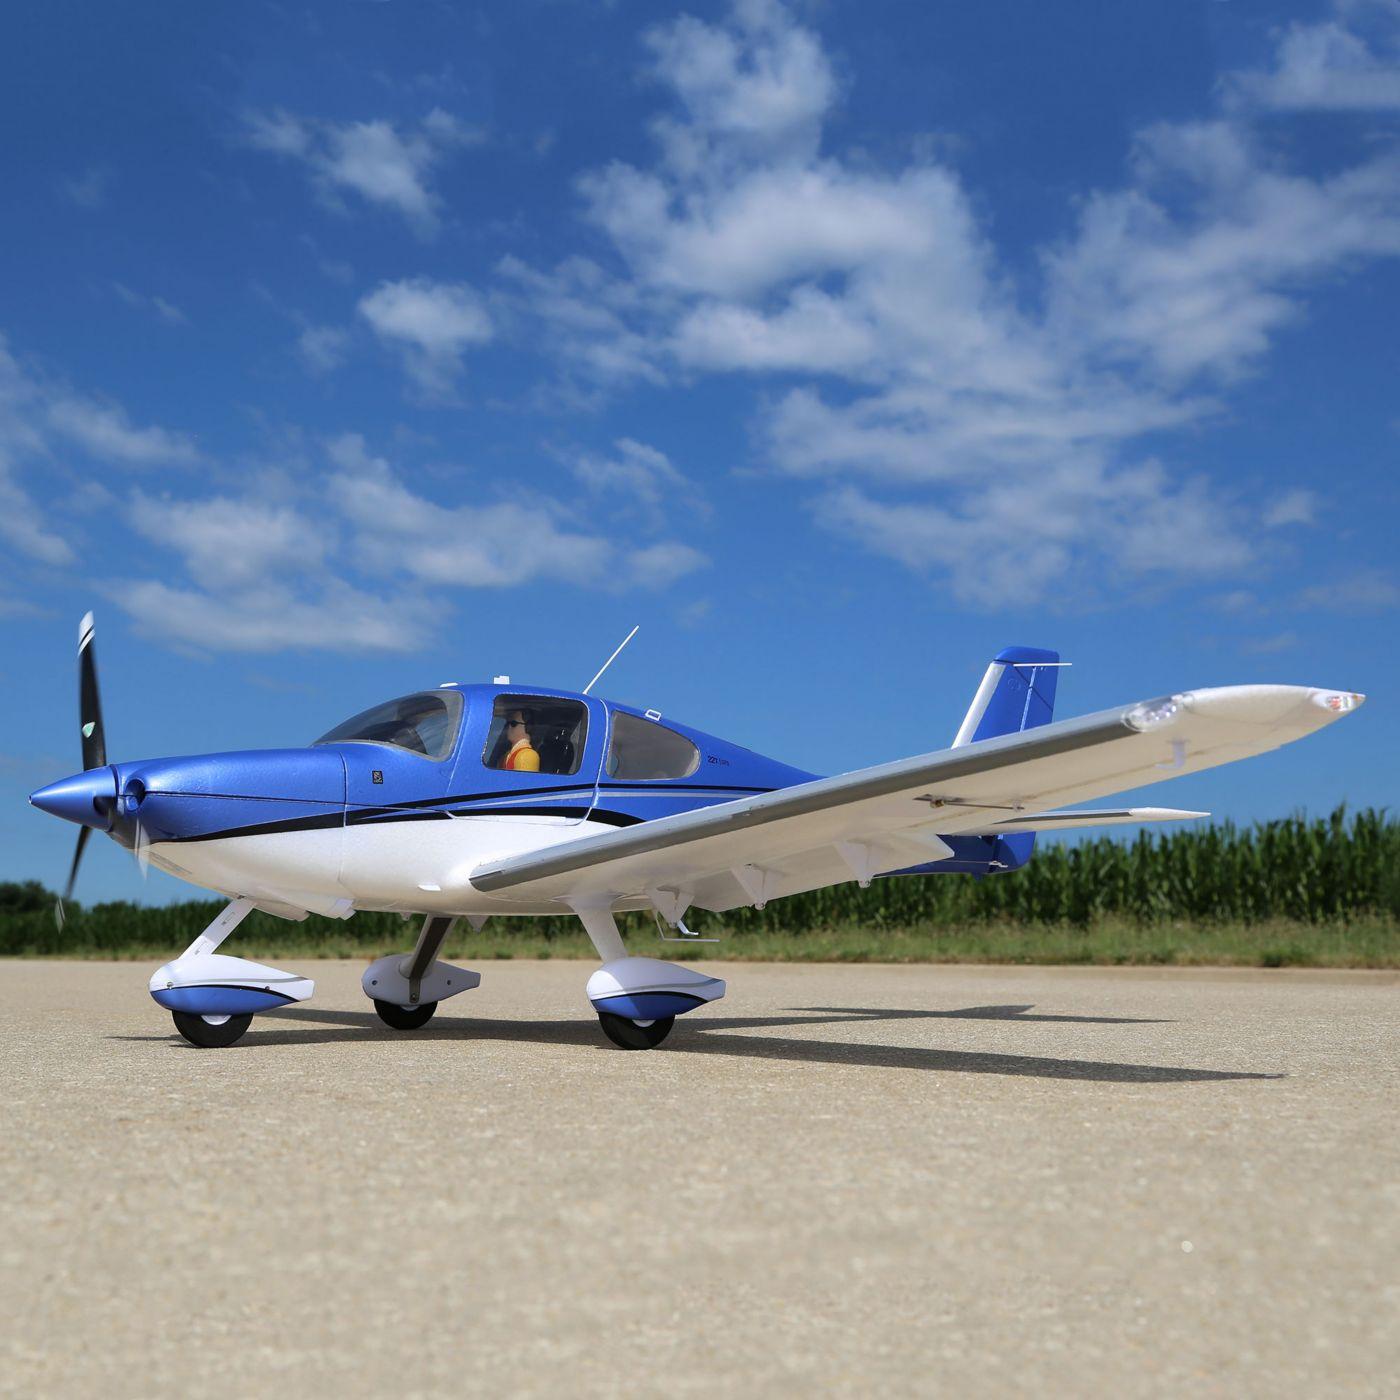 Cirrus SR22-T E-flite